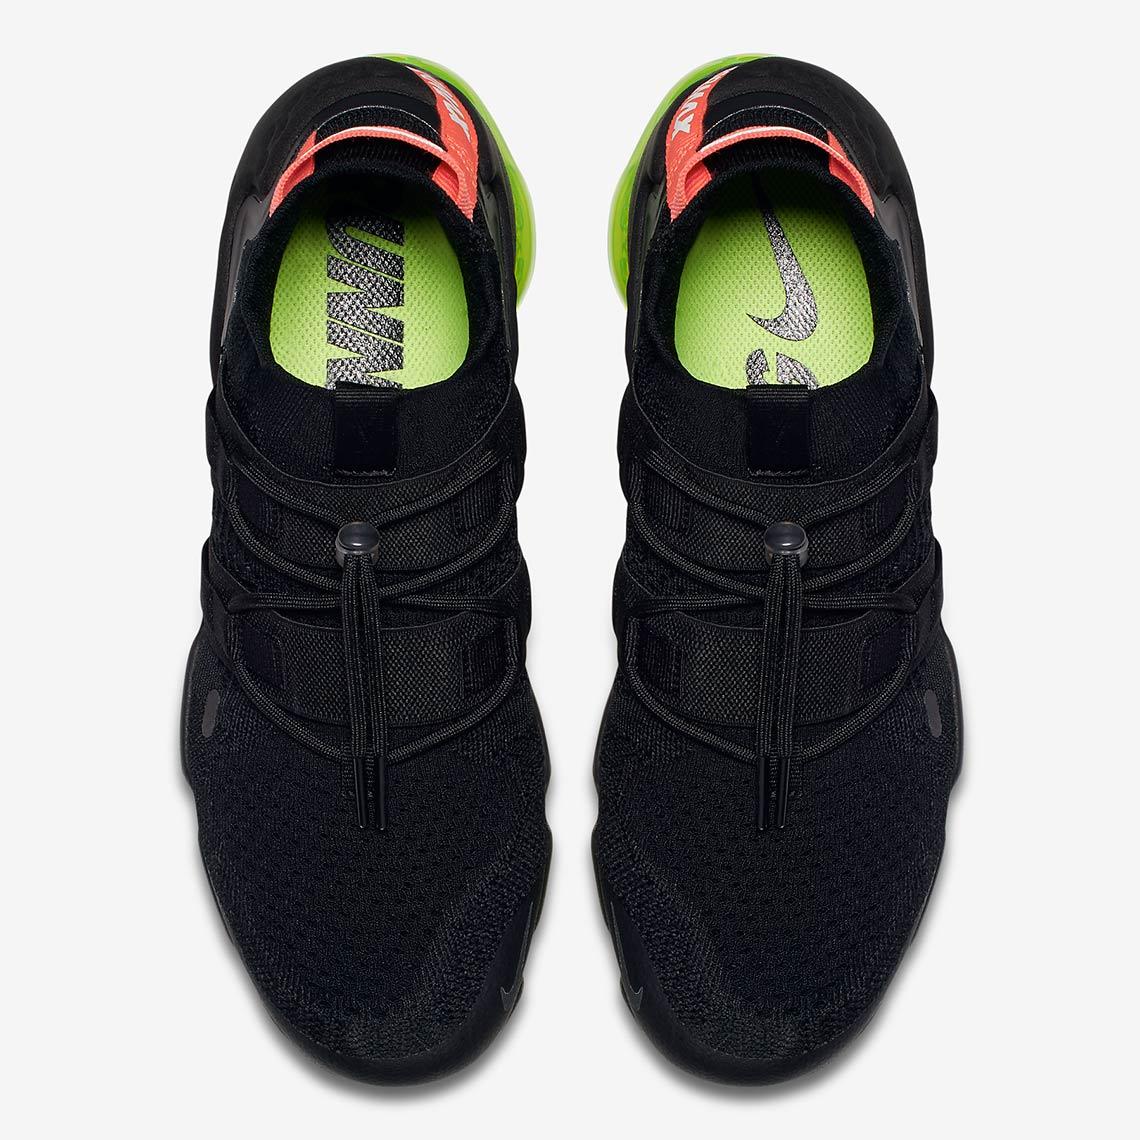 Nike Vapormax Utility Yeezy AH6834-007